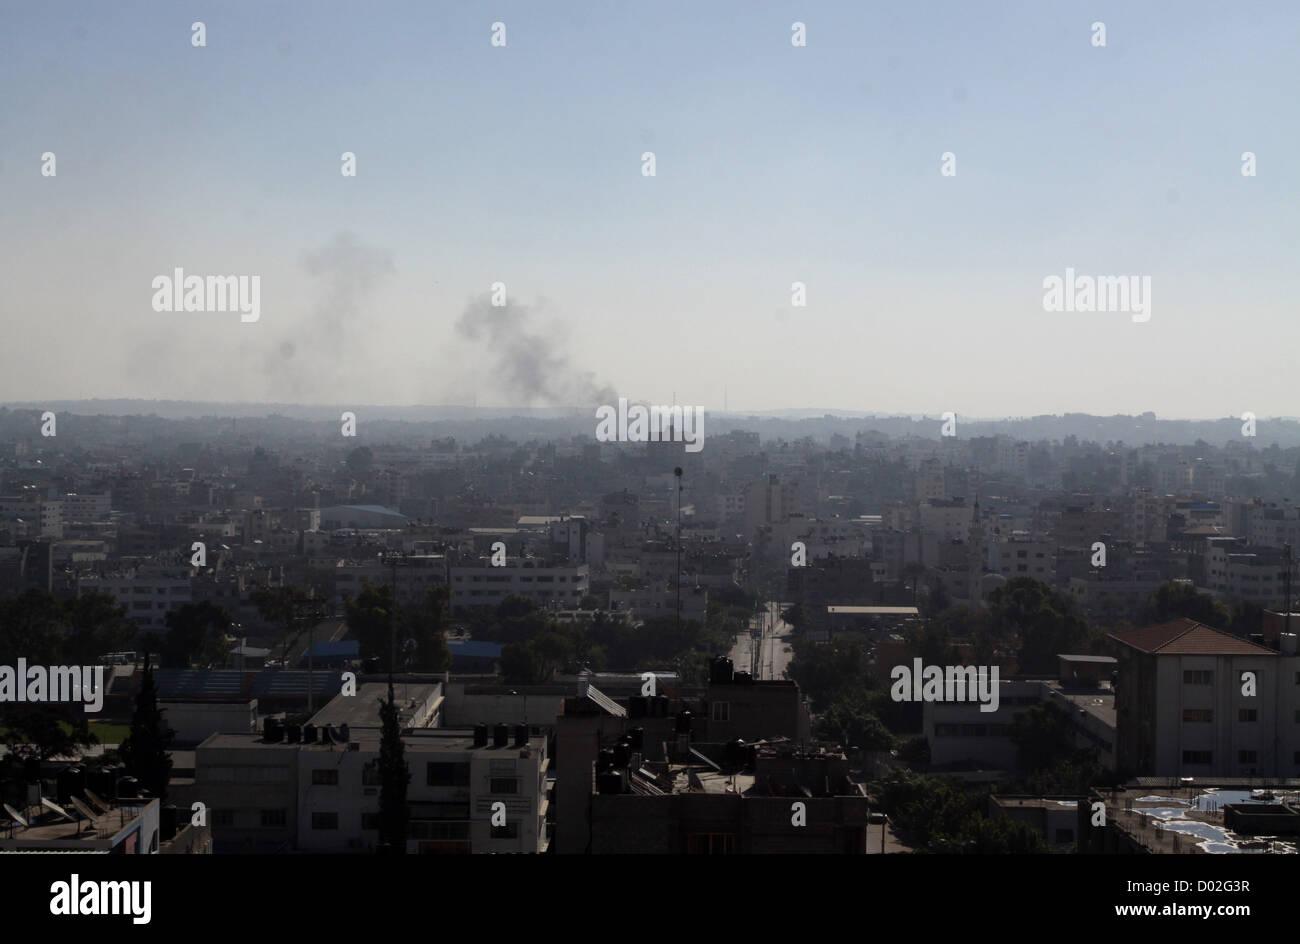 Nov. 15, 2012 - Gaza City, Gaza Strip, Palestinian Territory - Smoke rises over the Gaza Strip, 15 November 2012. - Stock Image